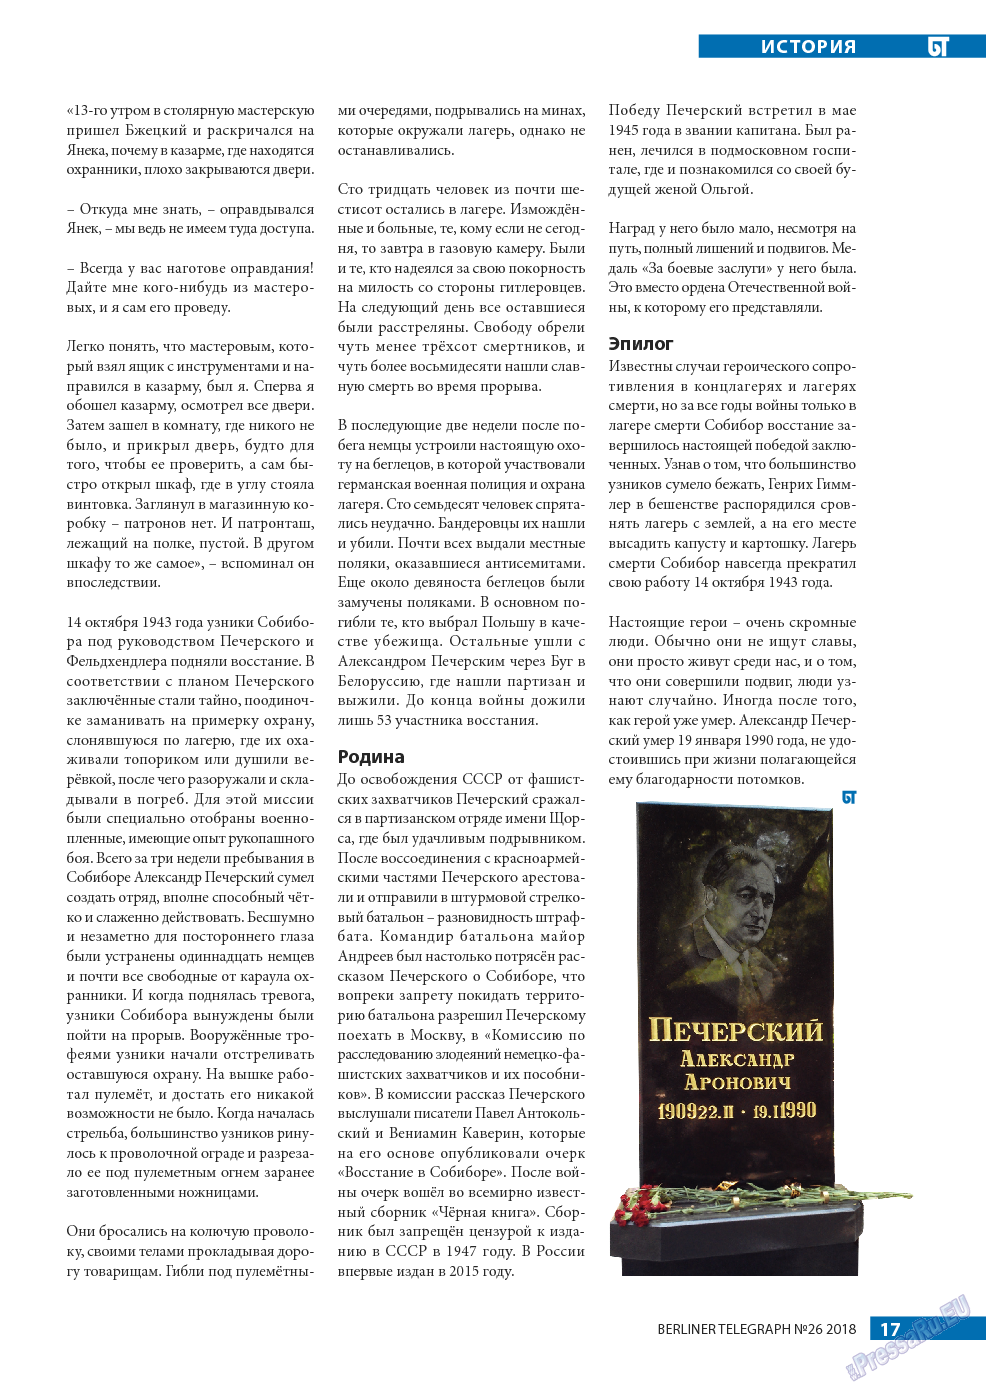 Берлинский телеграф (журнал). 2018 год, номер 26, стр. 17